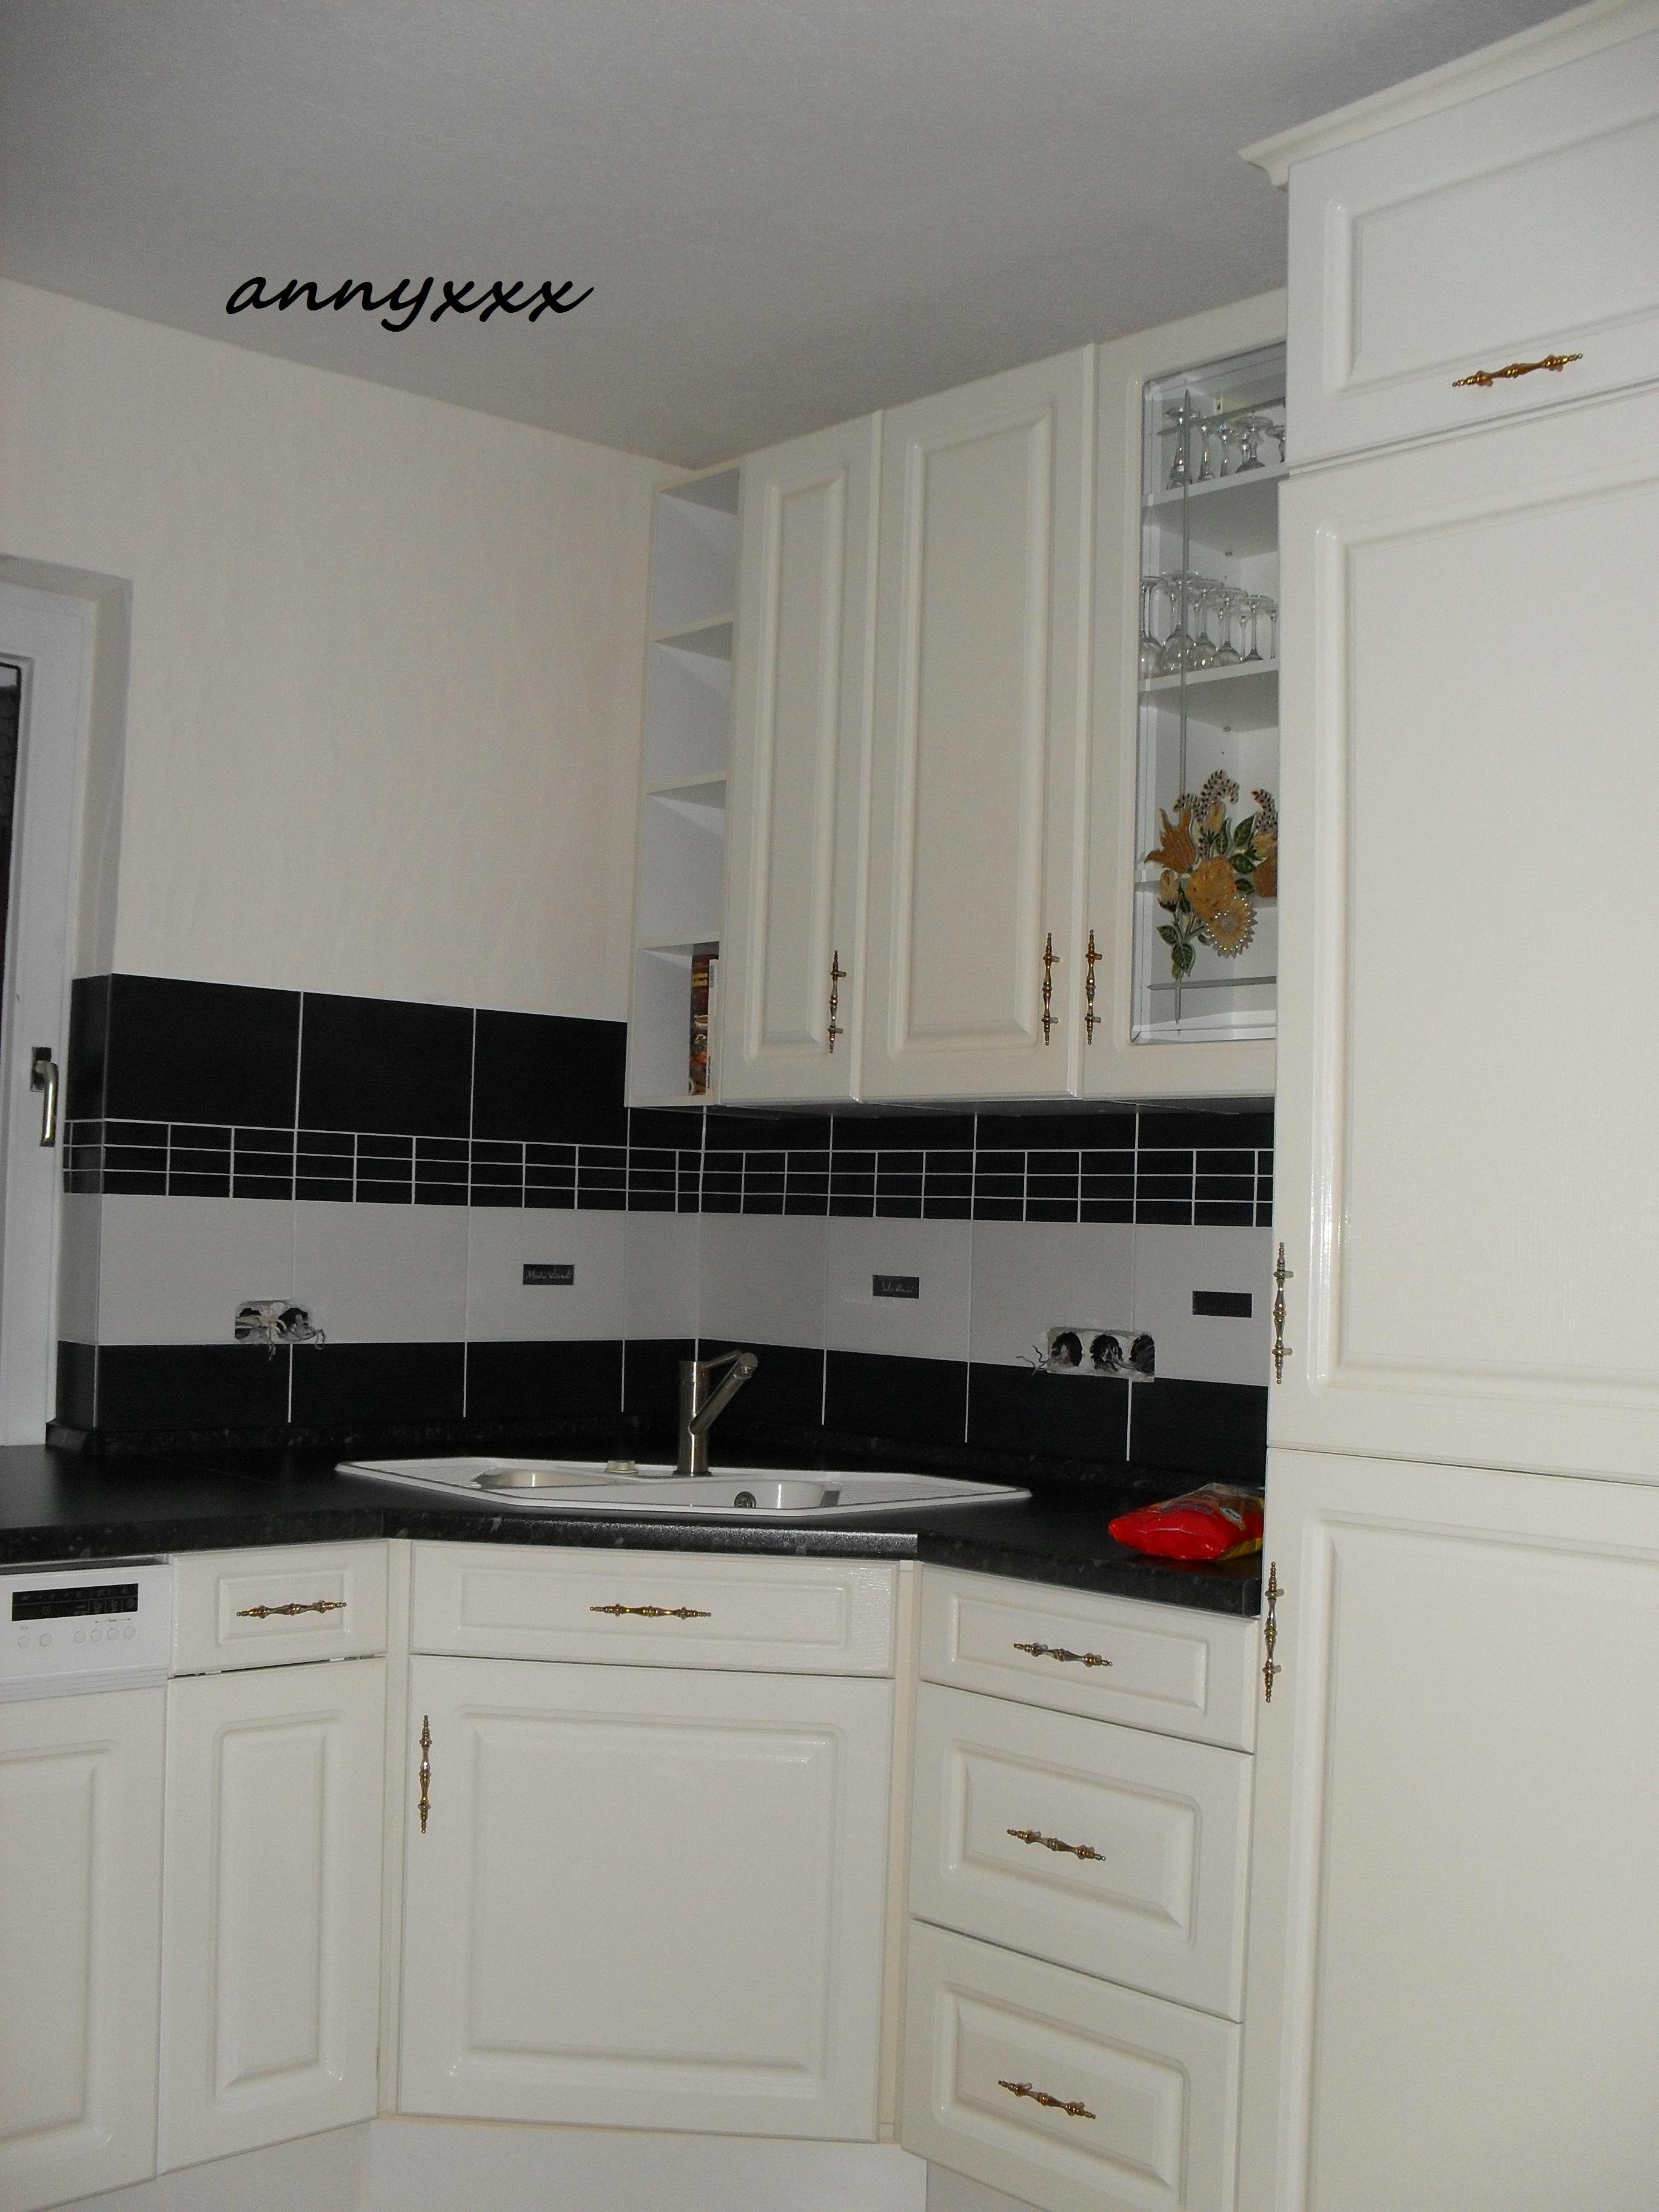 Fliesenspiegel Küche Höhe | ocaccept.com